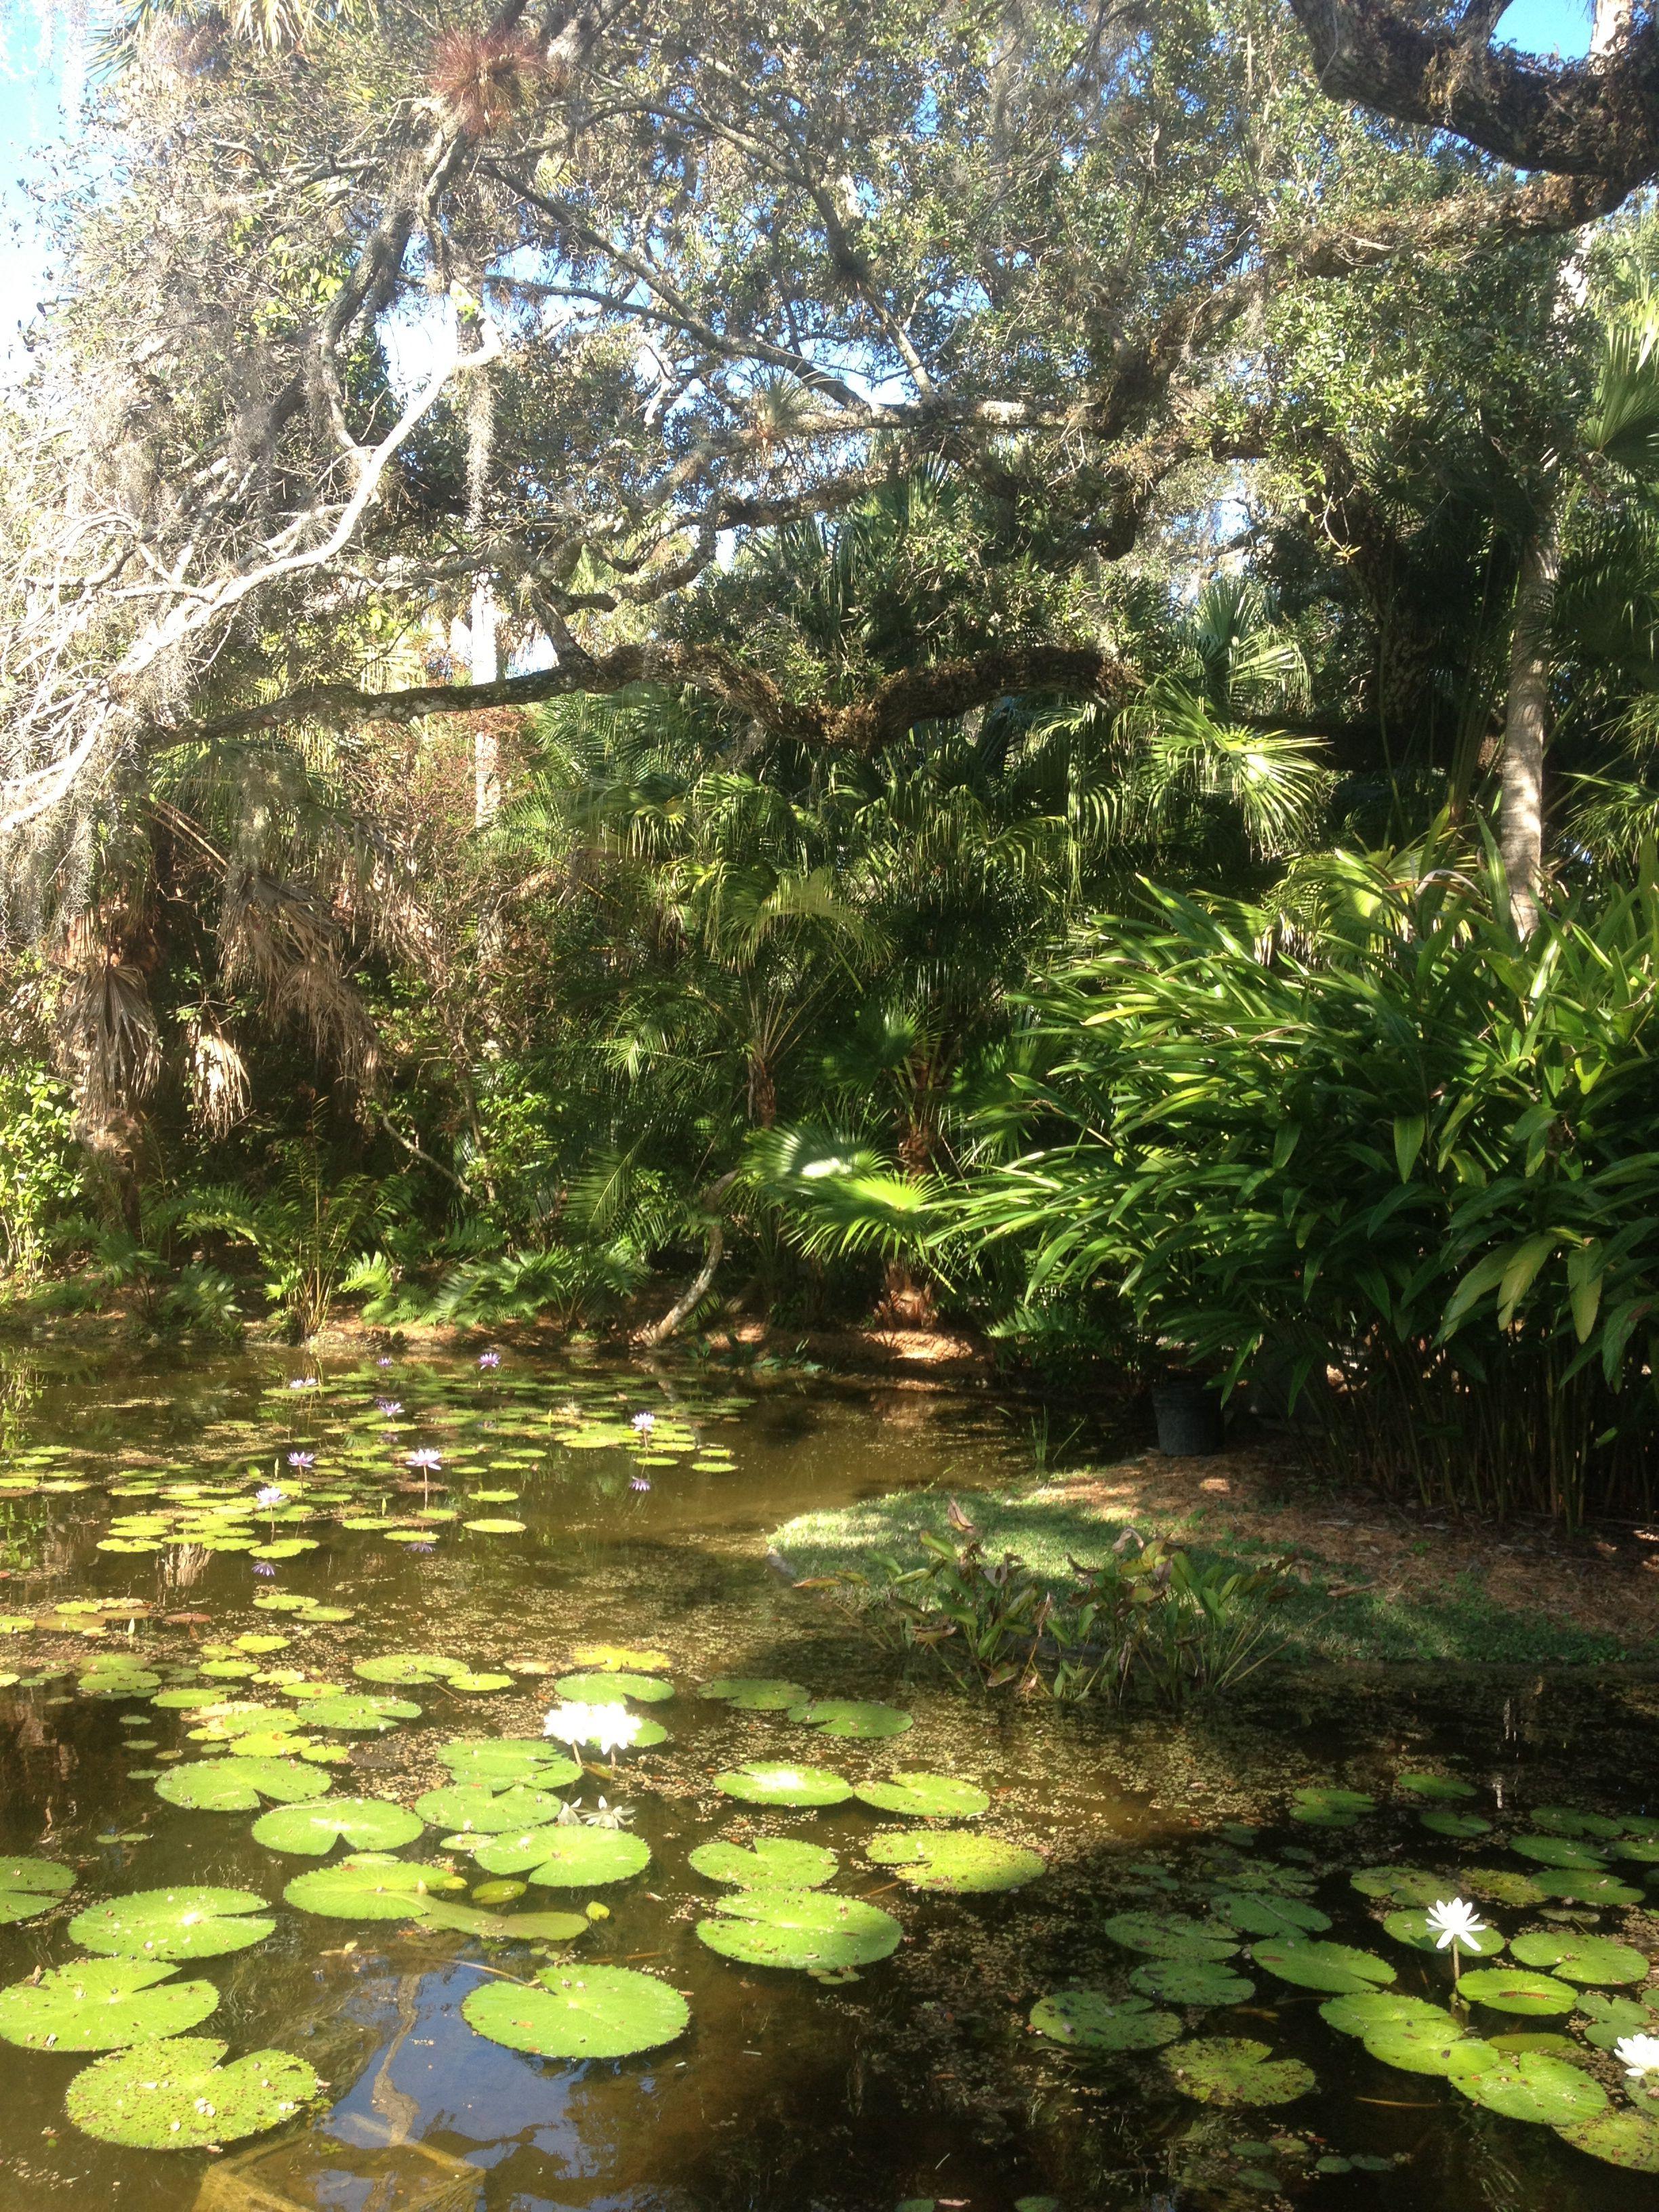 Mckee botanical gardens vero beach fl beautiful gardens - Mckee botanical gardens vero beach ...